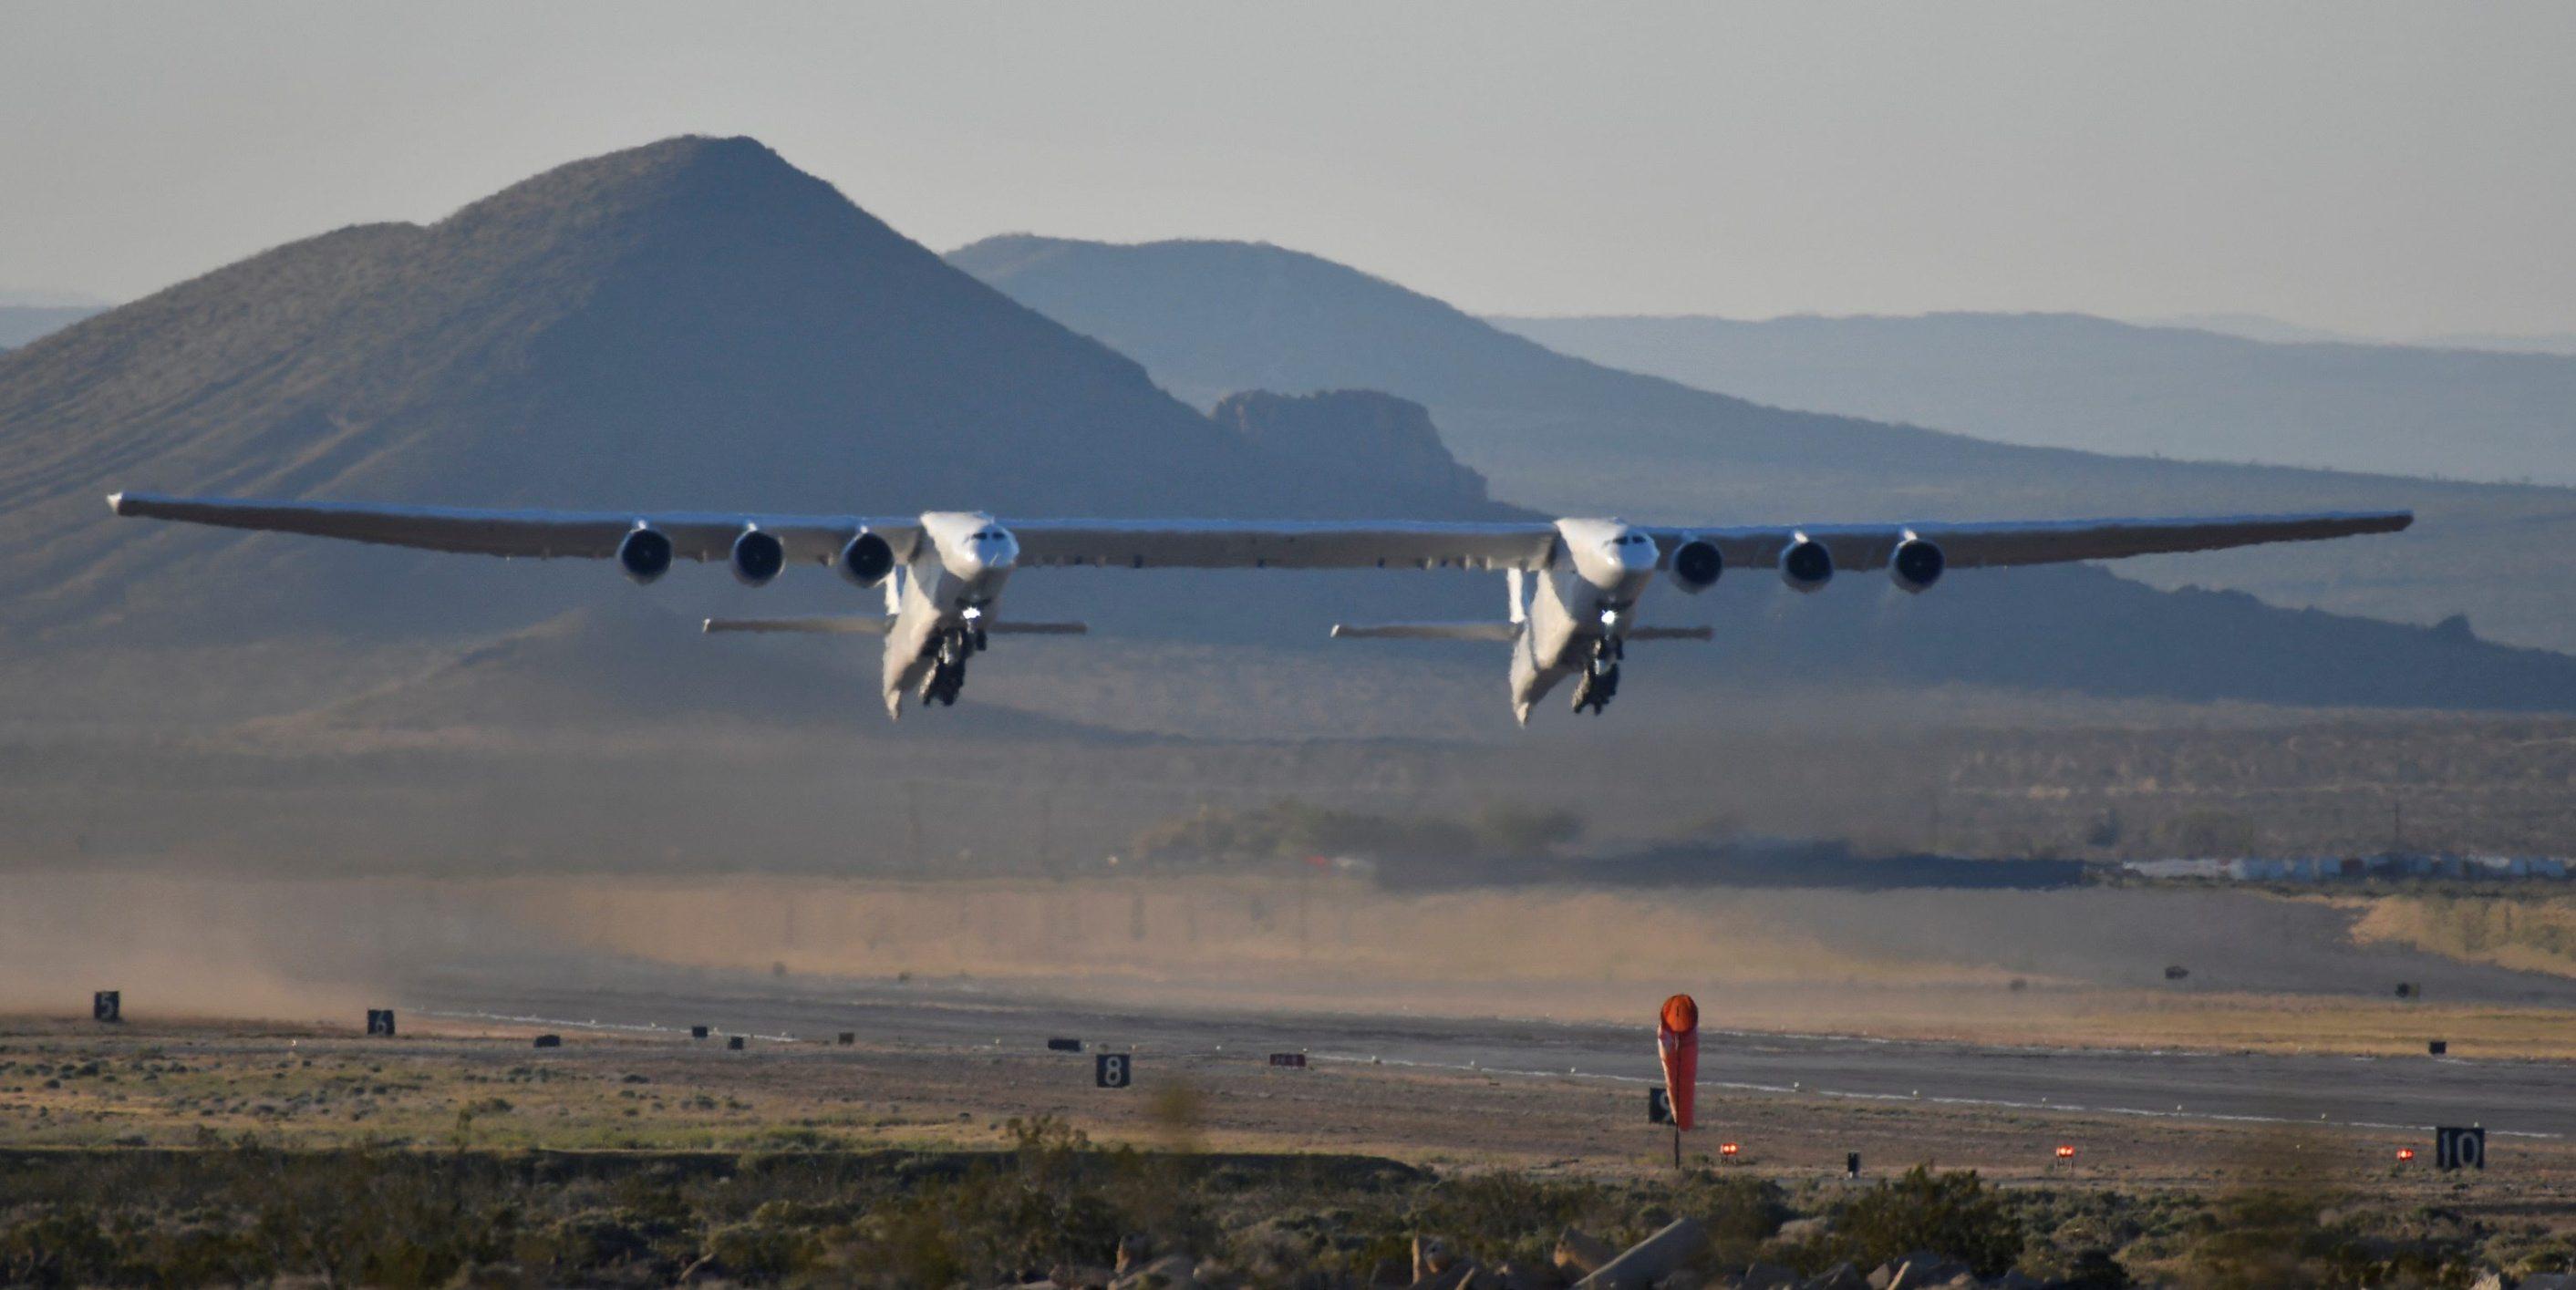 Najveći zrakoplov na svijetu ima raspon krila od 117 metara